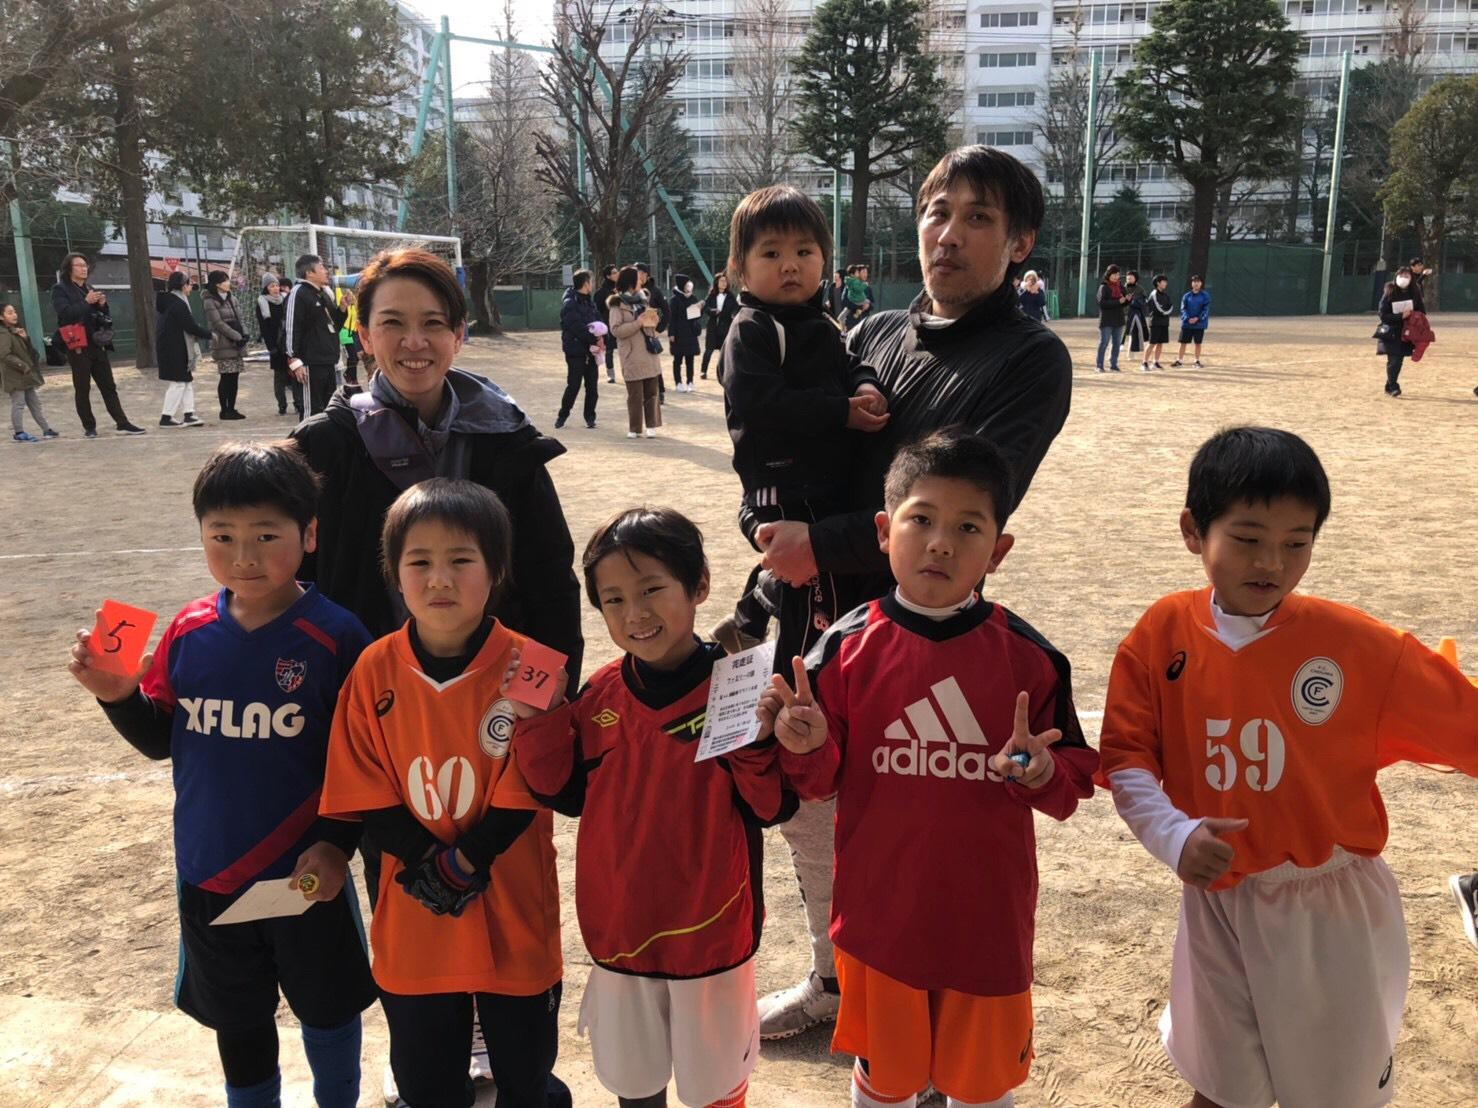 http://www.fc-chouwa.net/blog/images/99290BB2-2211-428B-8B73-1C31C899F33D.jpeg